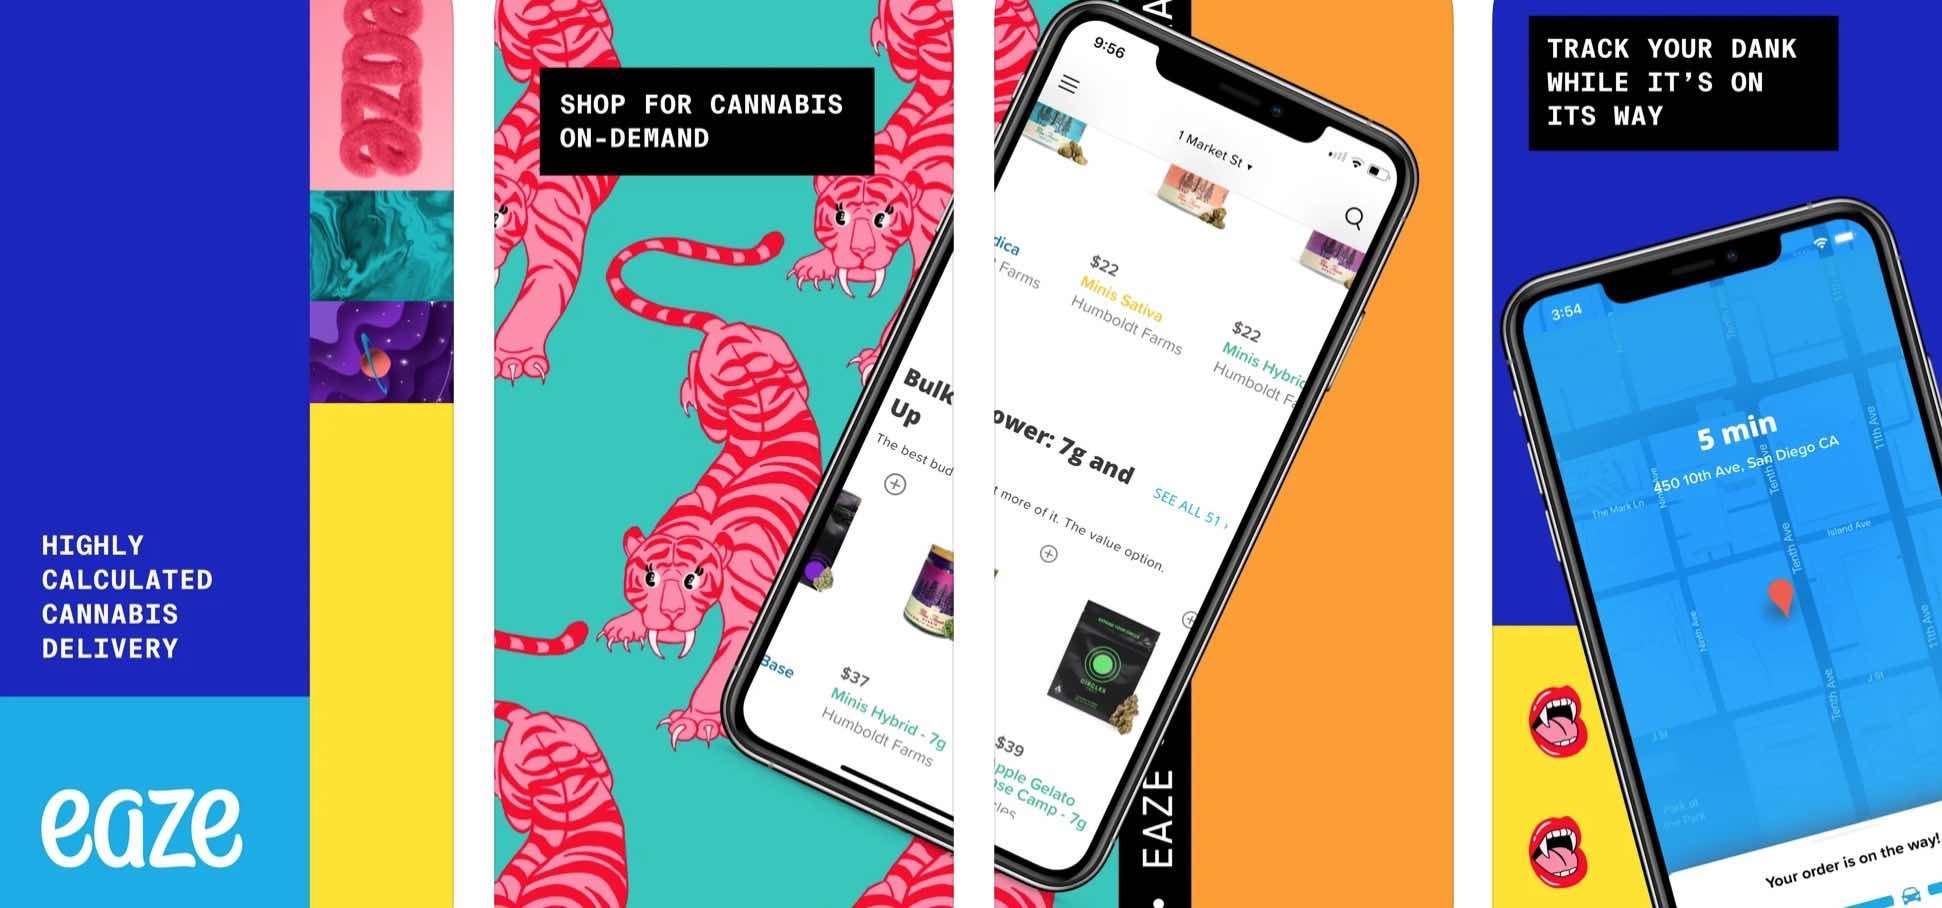 W App Store pojawiła się pierwsza aplikacja, oferująca dostawę marihuany polecane, ciekawostki zakup, marihuana, App Store, Aplikacja  Do App Store trafia pierwsza aplikacja oferująca zakup i dostawę marihuany, bezpośrednią do naszego domu. Co to za apka? eaze